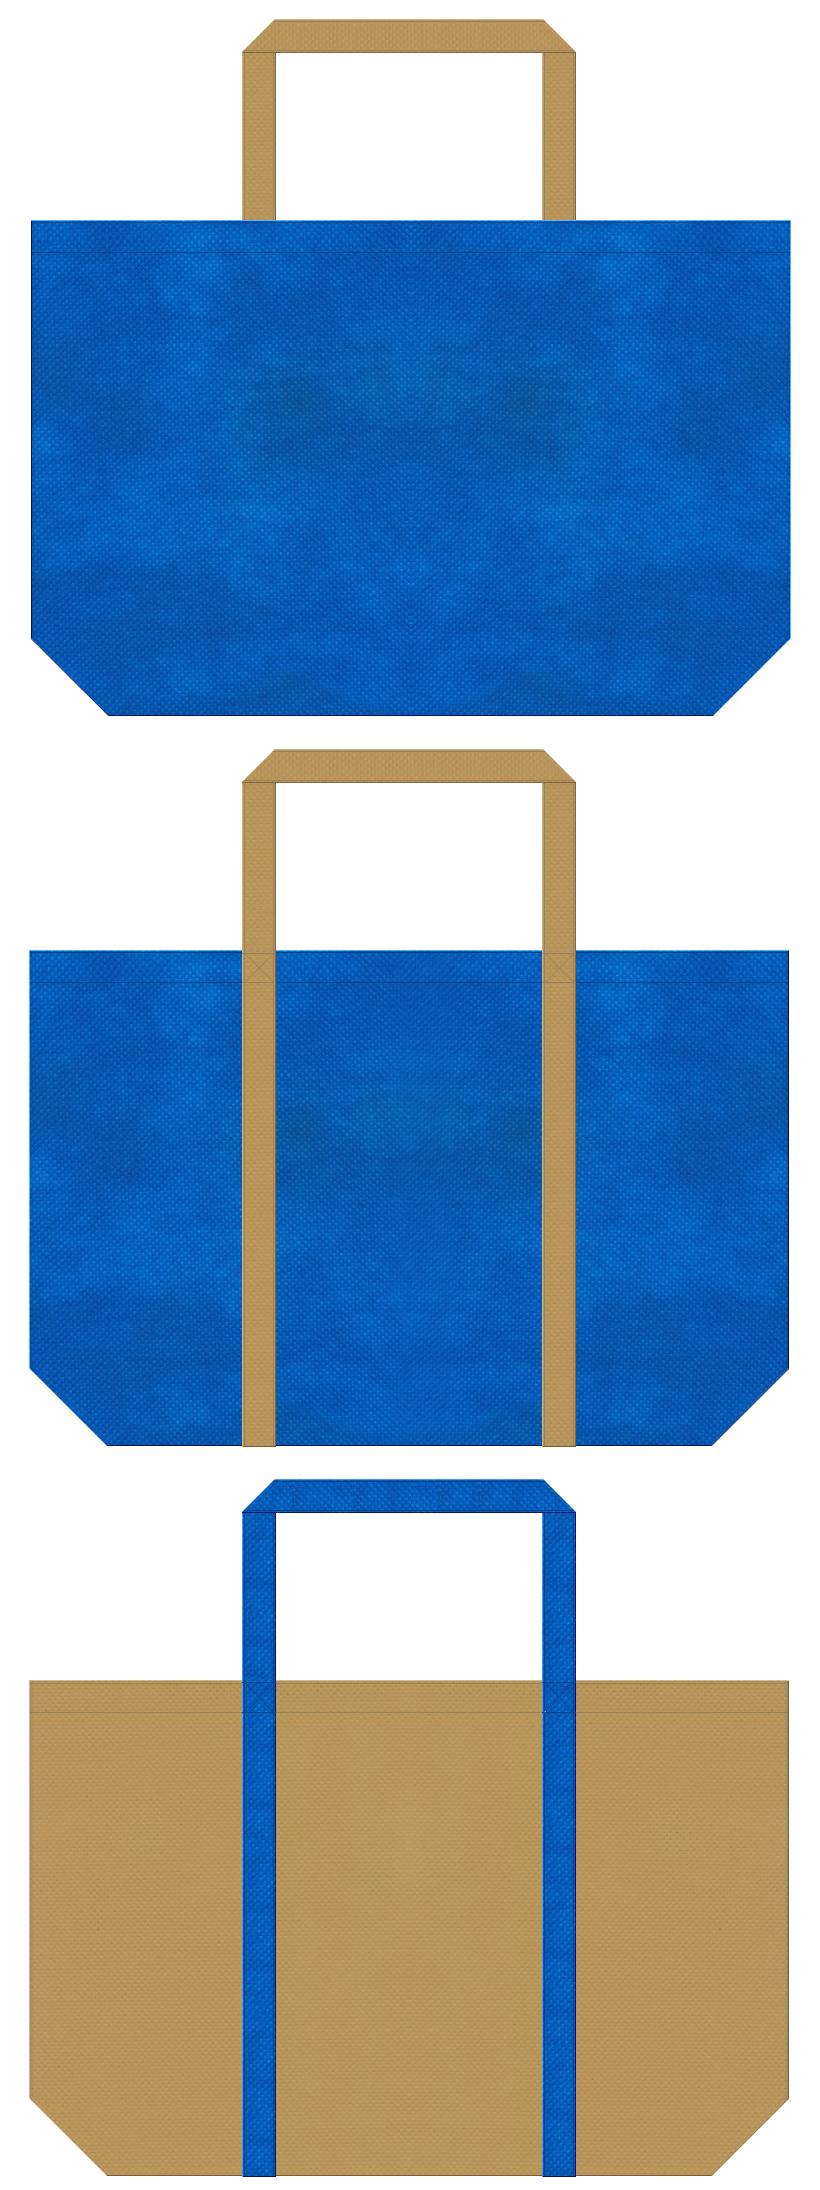 不織布トートバッグ 舟底タイプ 不織布カラーNo.22スカイブルーとNo.23ブラウンゴールドの組み合わせ